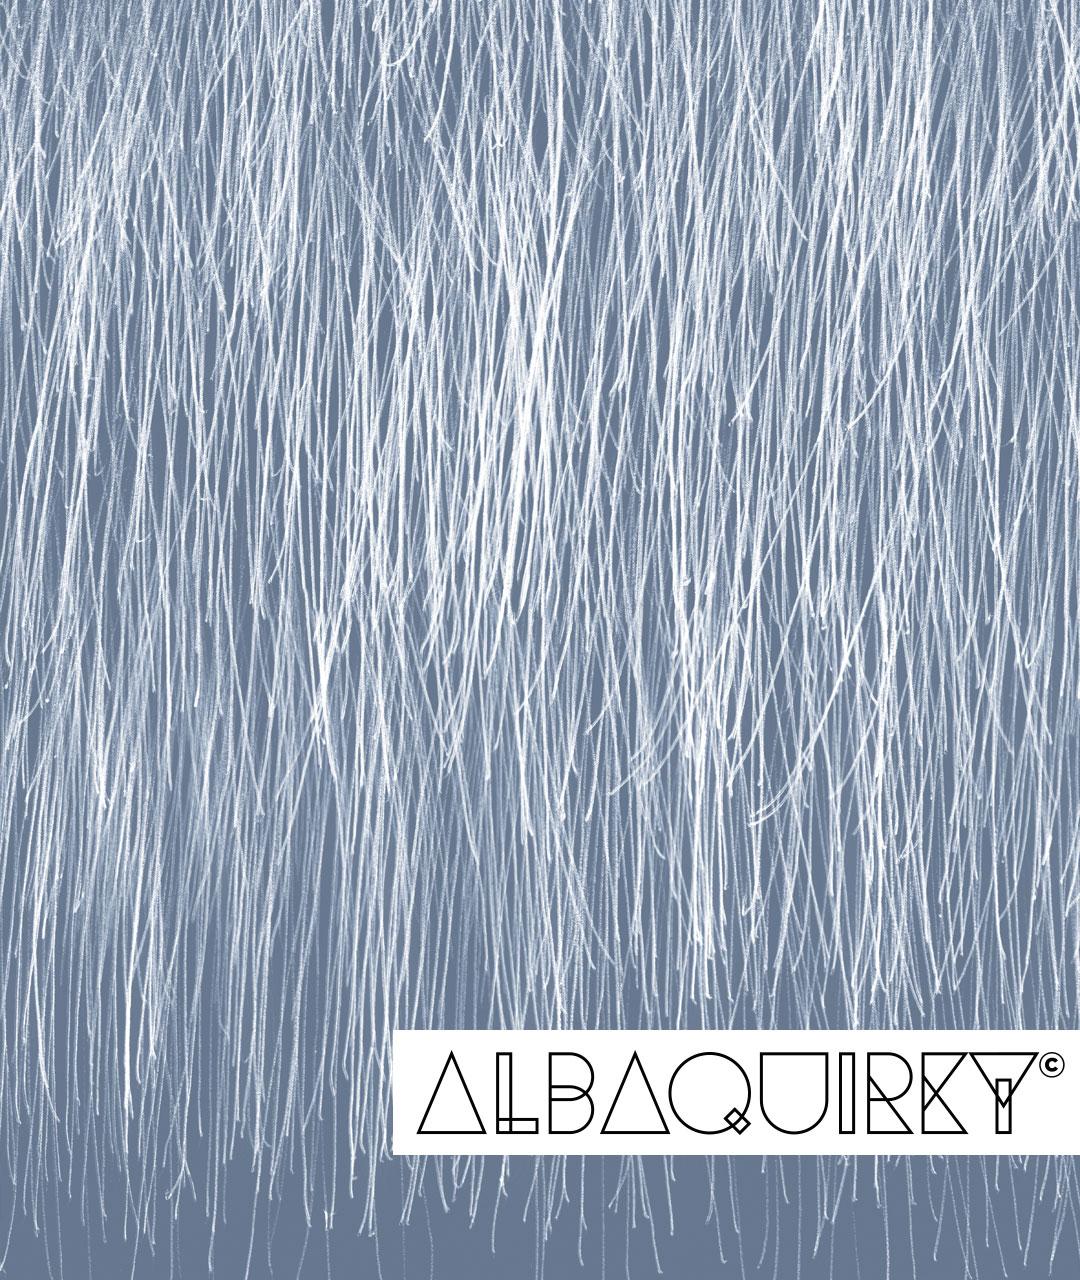 02_albaquirky